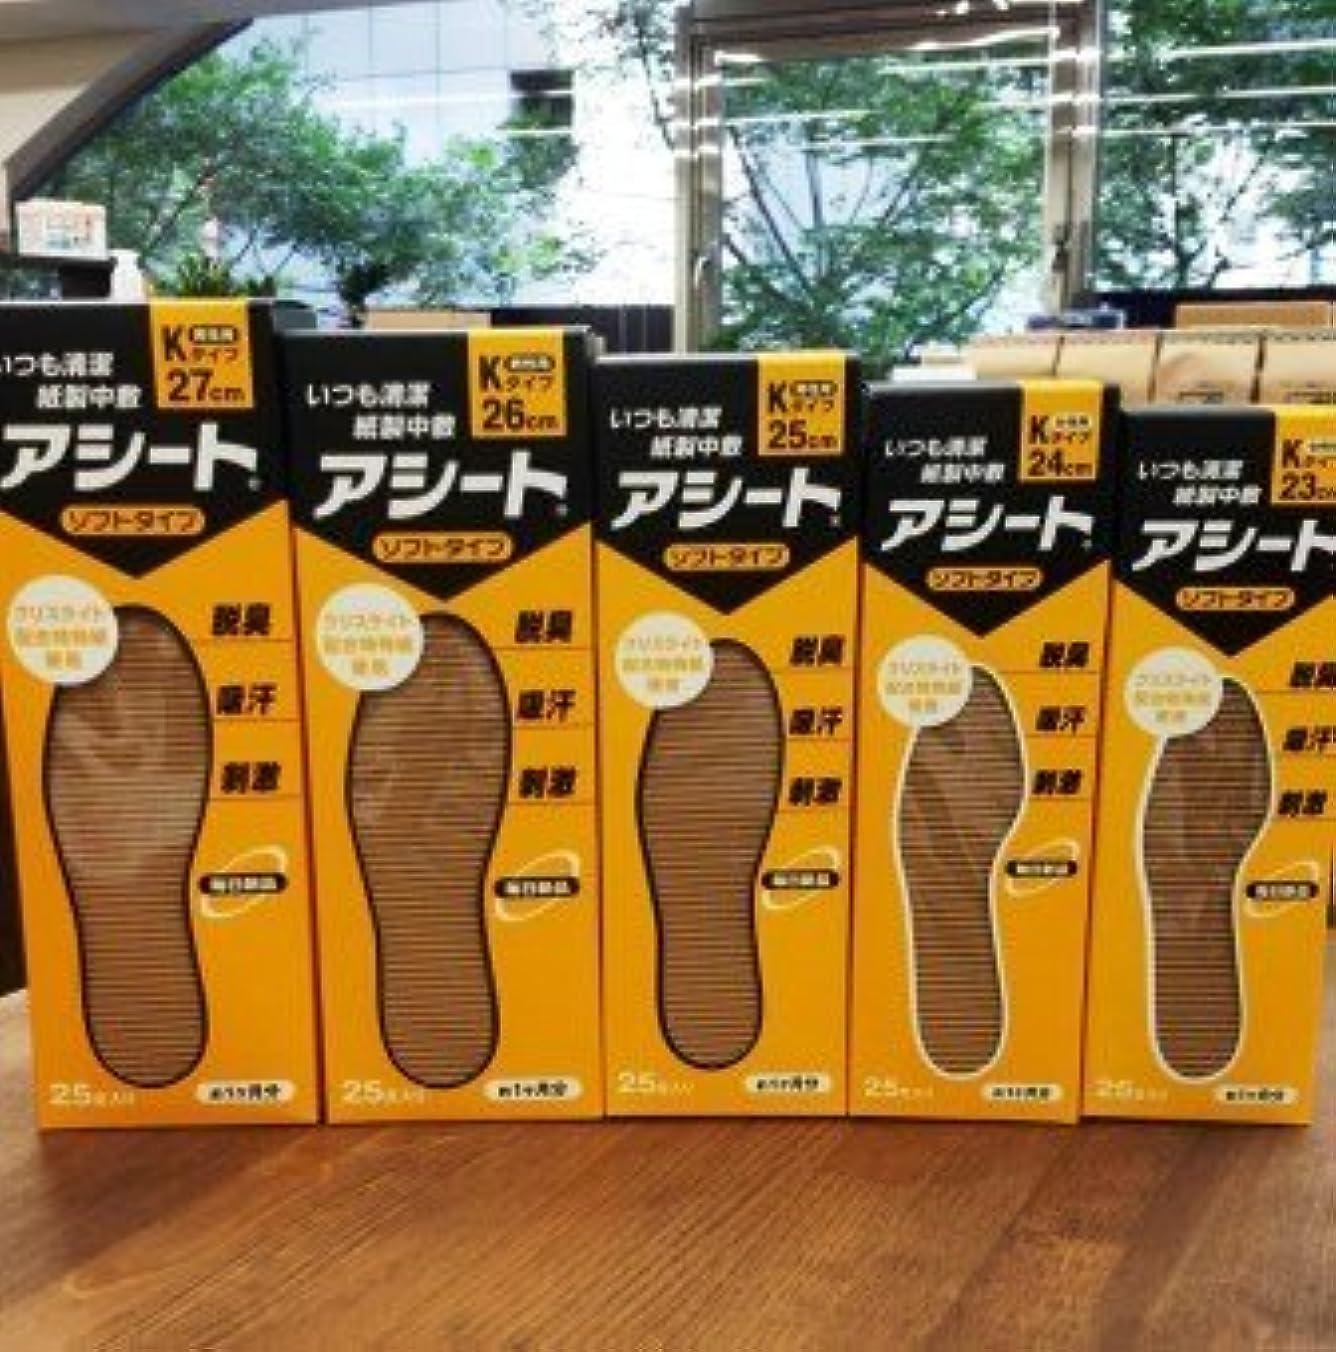 アシートK(サイズ24cm)×3箱セット(8足増量中)